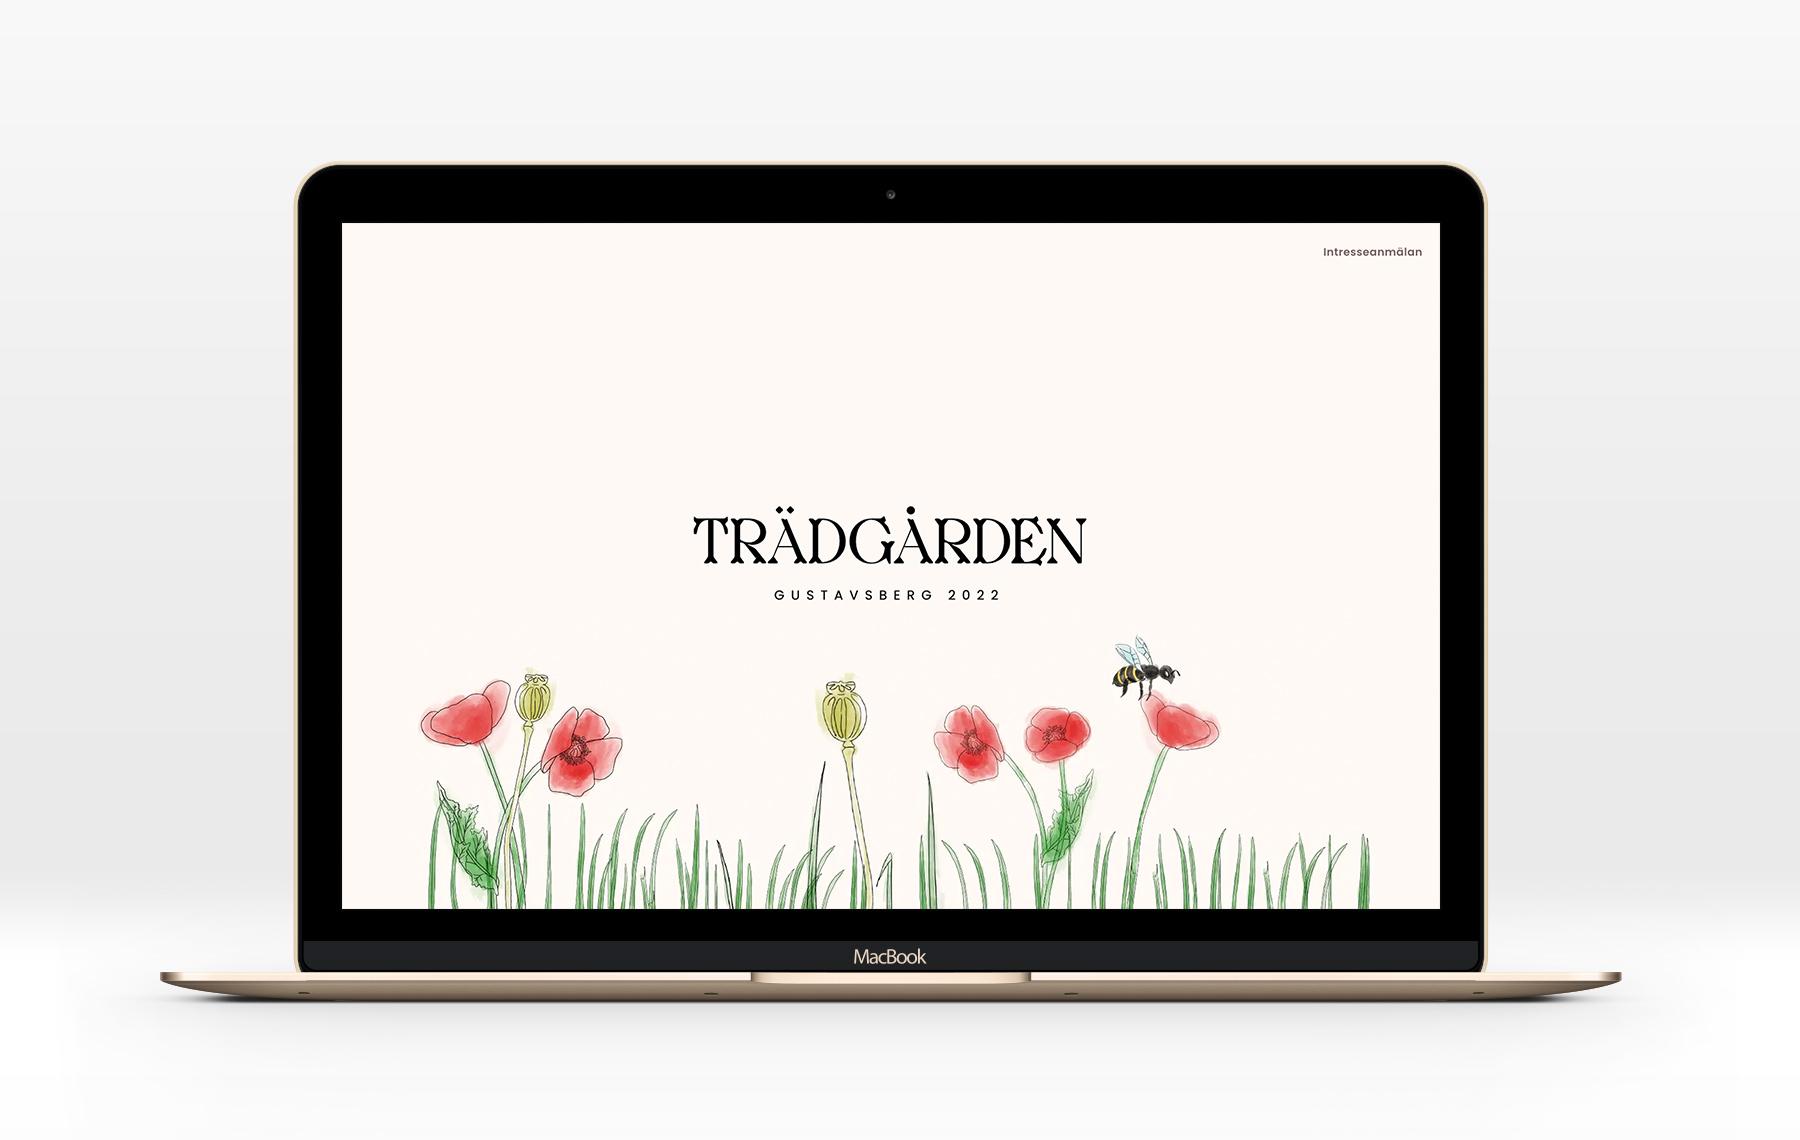 Webbplats - digital marknadsföring